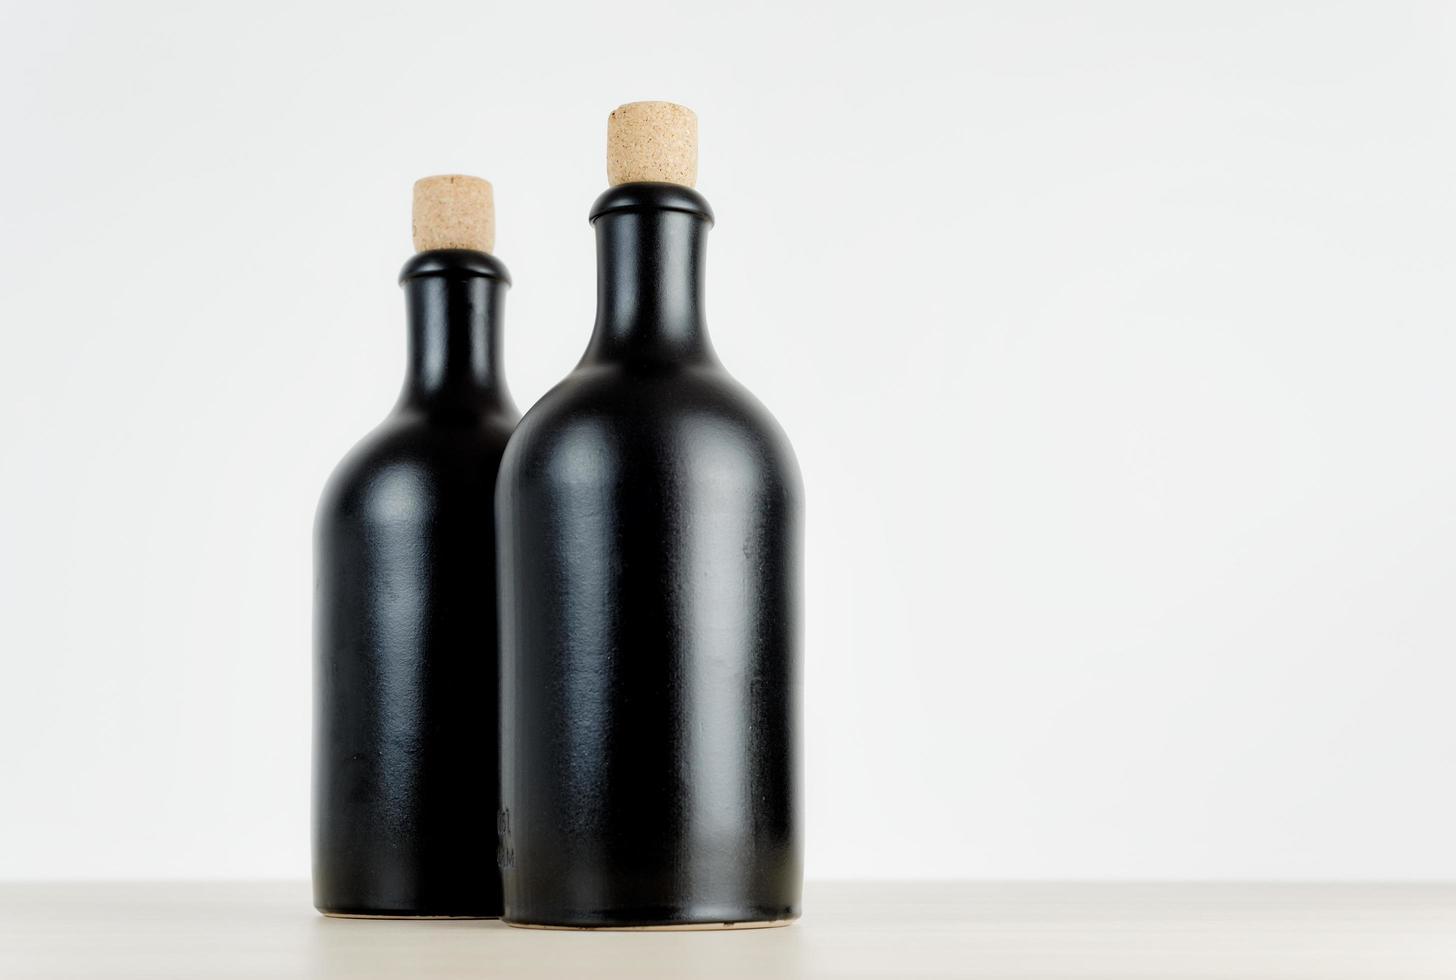 dos botellas vacías en una mesa foto